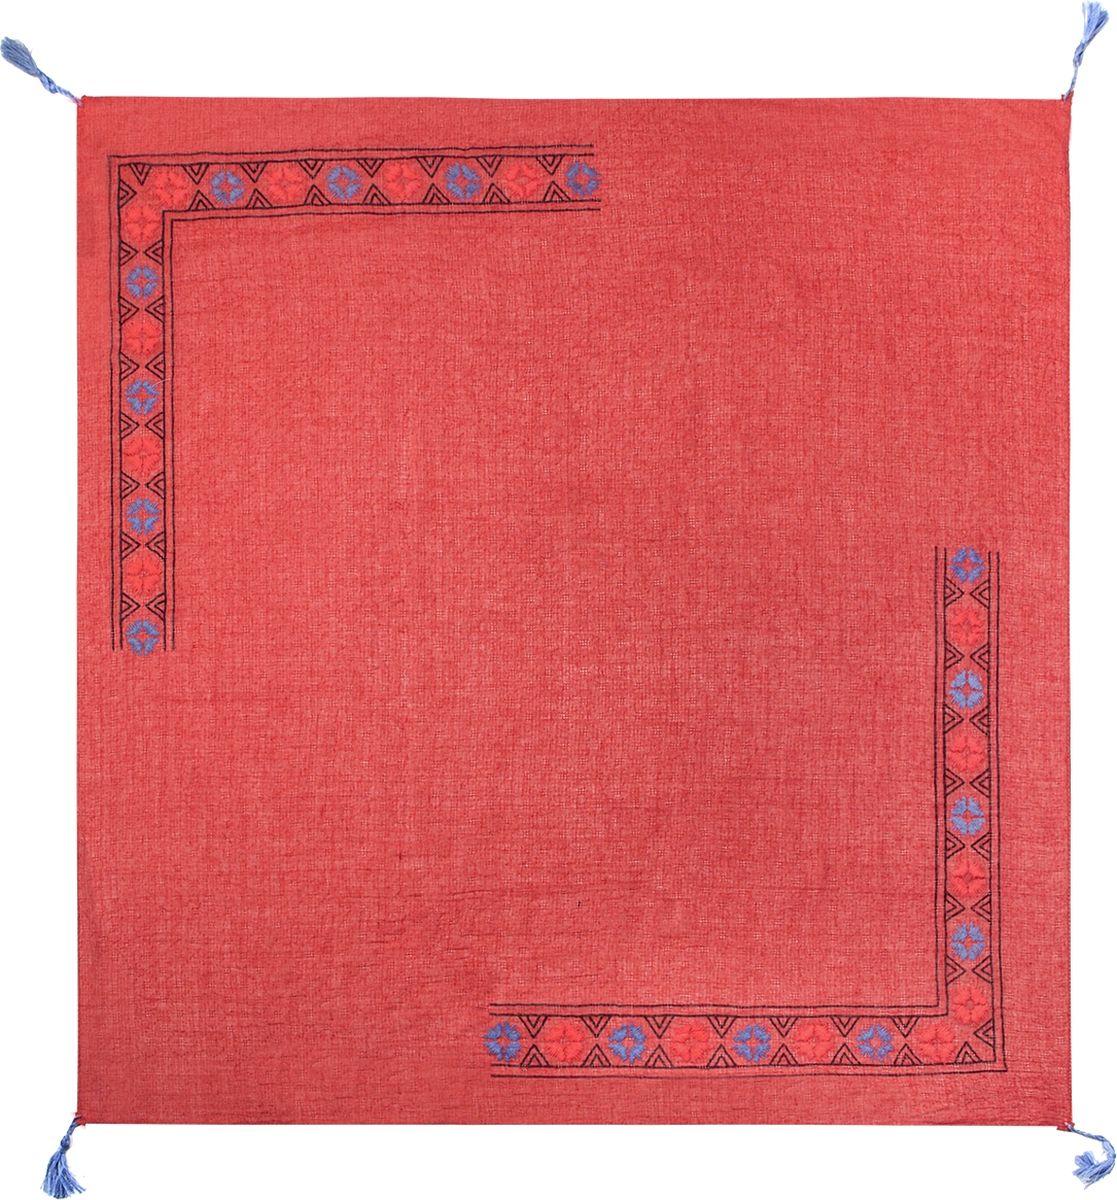 ПлатокLG20-580Платок Labbra, выполненный из хлопка и ткани тенсель, идеально дополнит образ современной женщины. Модель оформлена принтом. Изделие украшено декоративными кисточками. Классическая квадратная форма позволяет носить платок на шее, украшать им прическу или декорировать сумочку. С таким замечательным аксессуаром вы всегда будете выглядеть женственной и привлекательной.